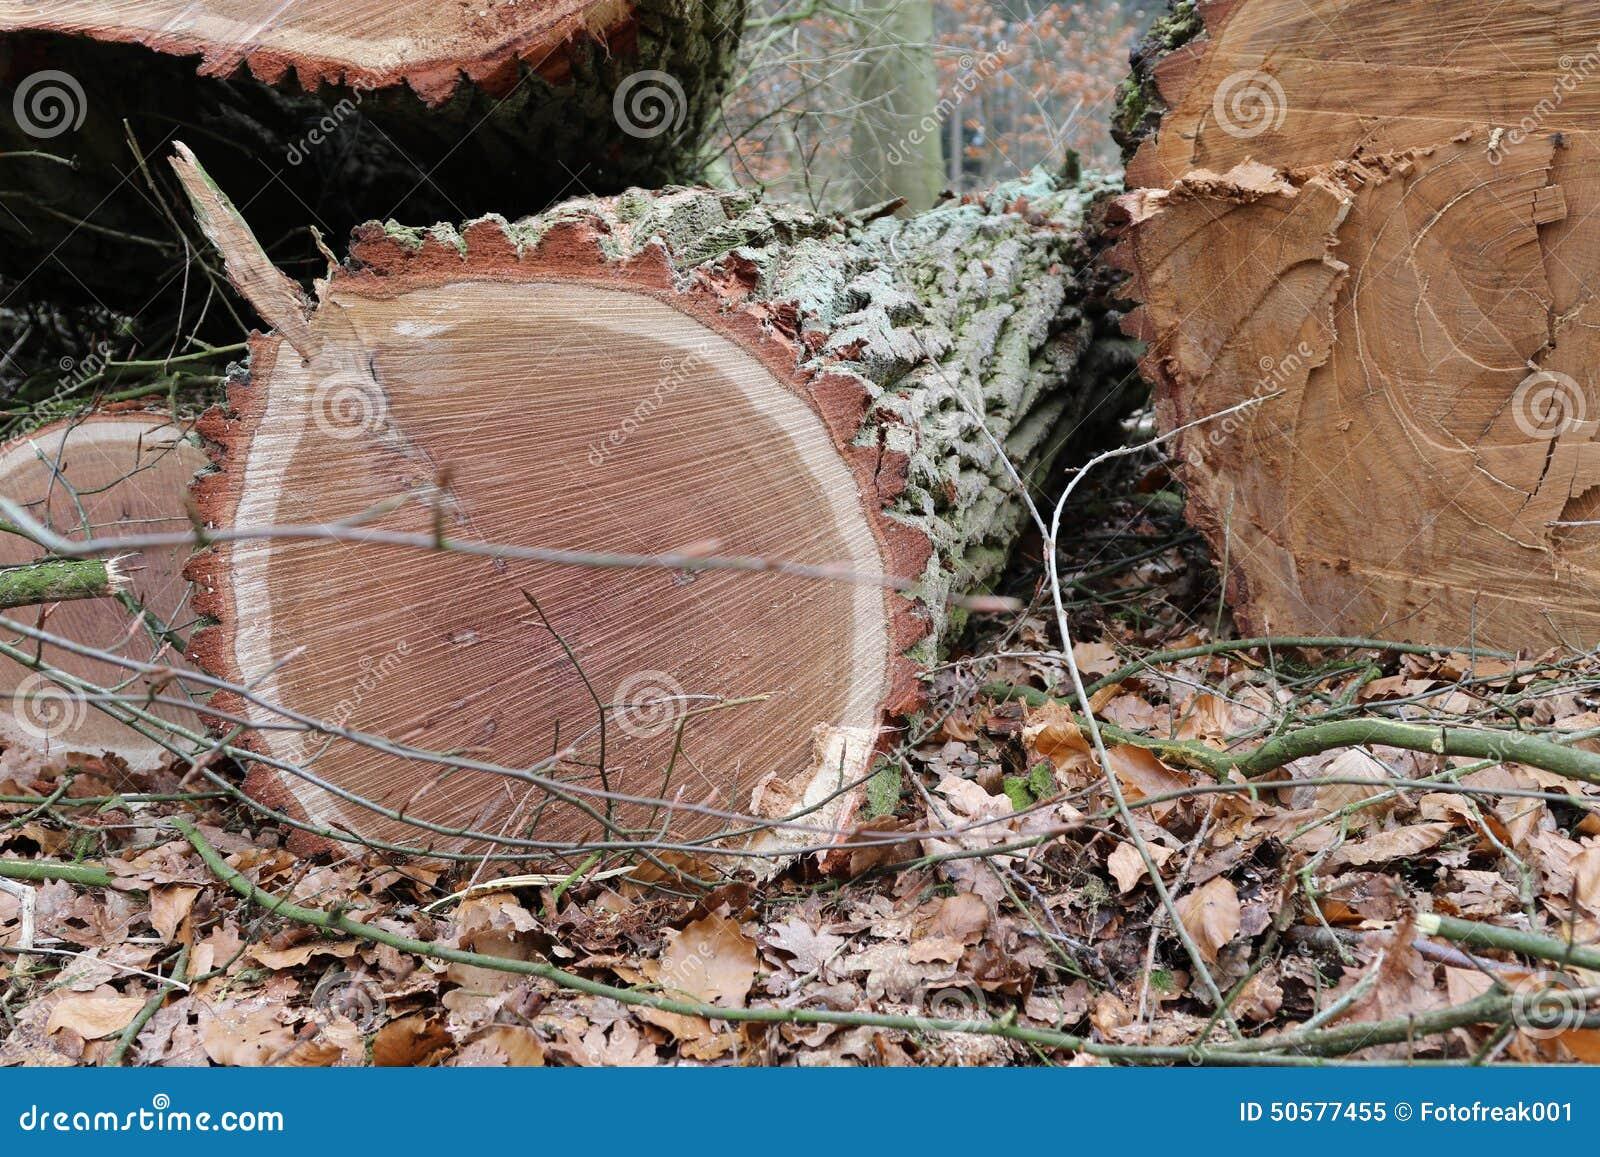 Bois de ch ne sci de tronc d 39 arbre photo stock image 50577455 - Achat tronc arbre decoratif ...